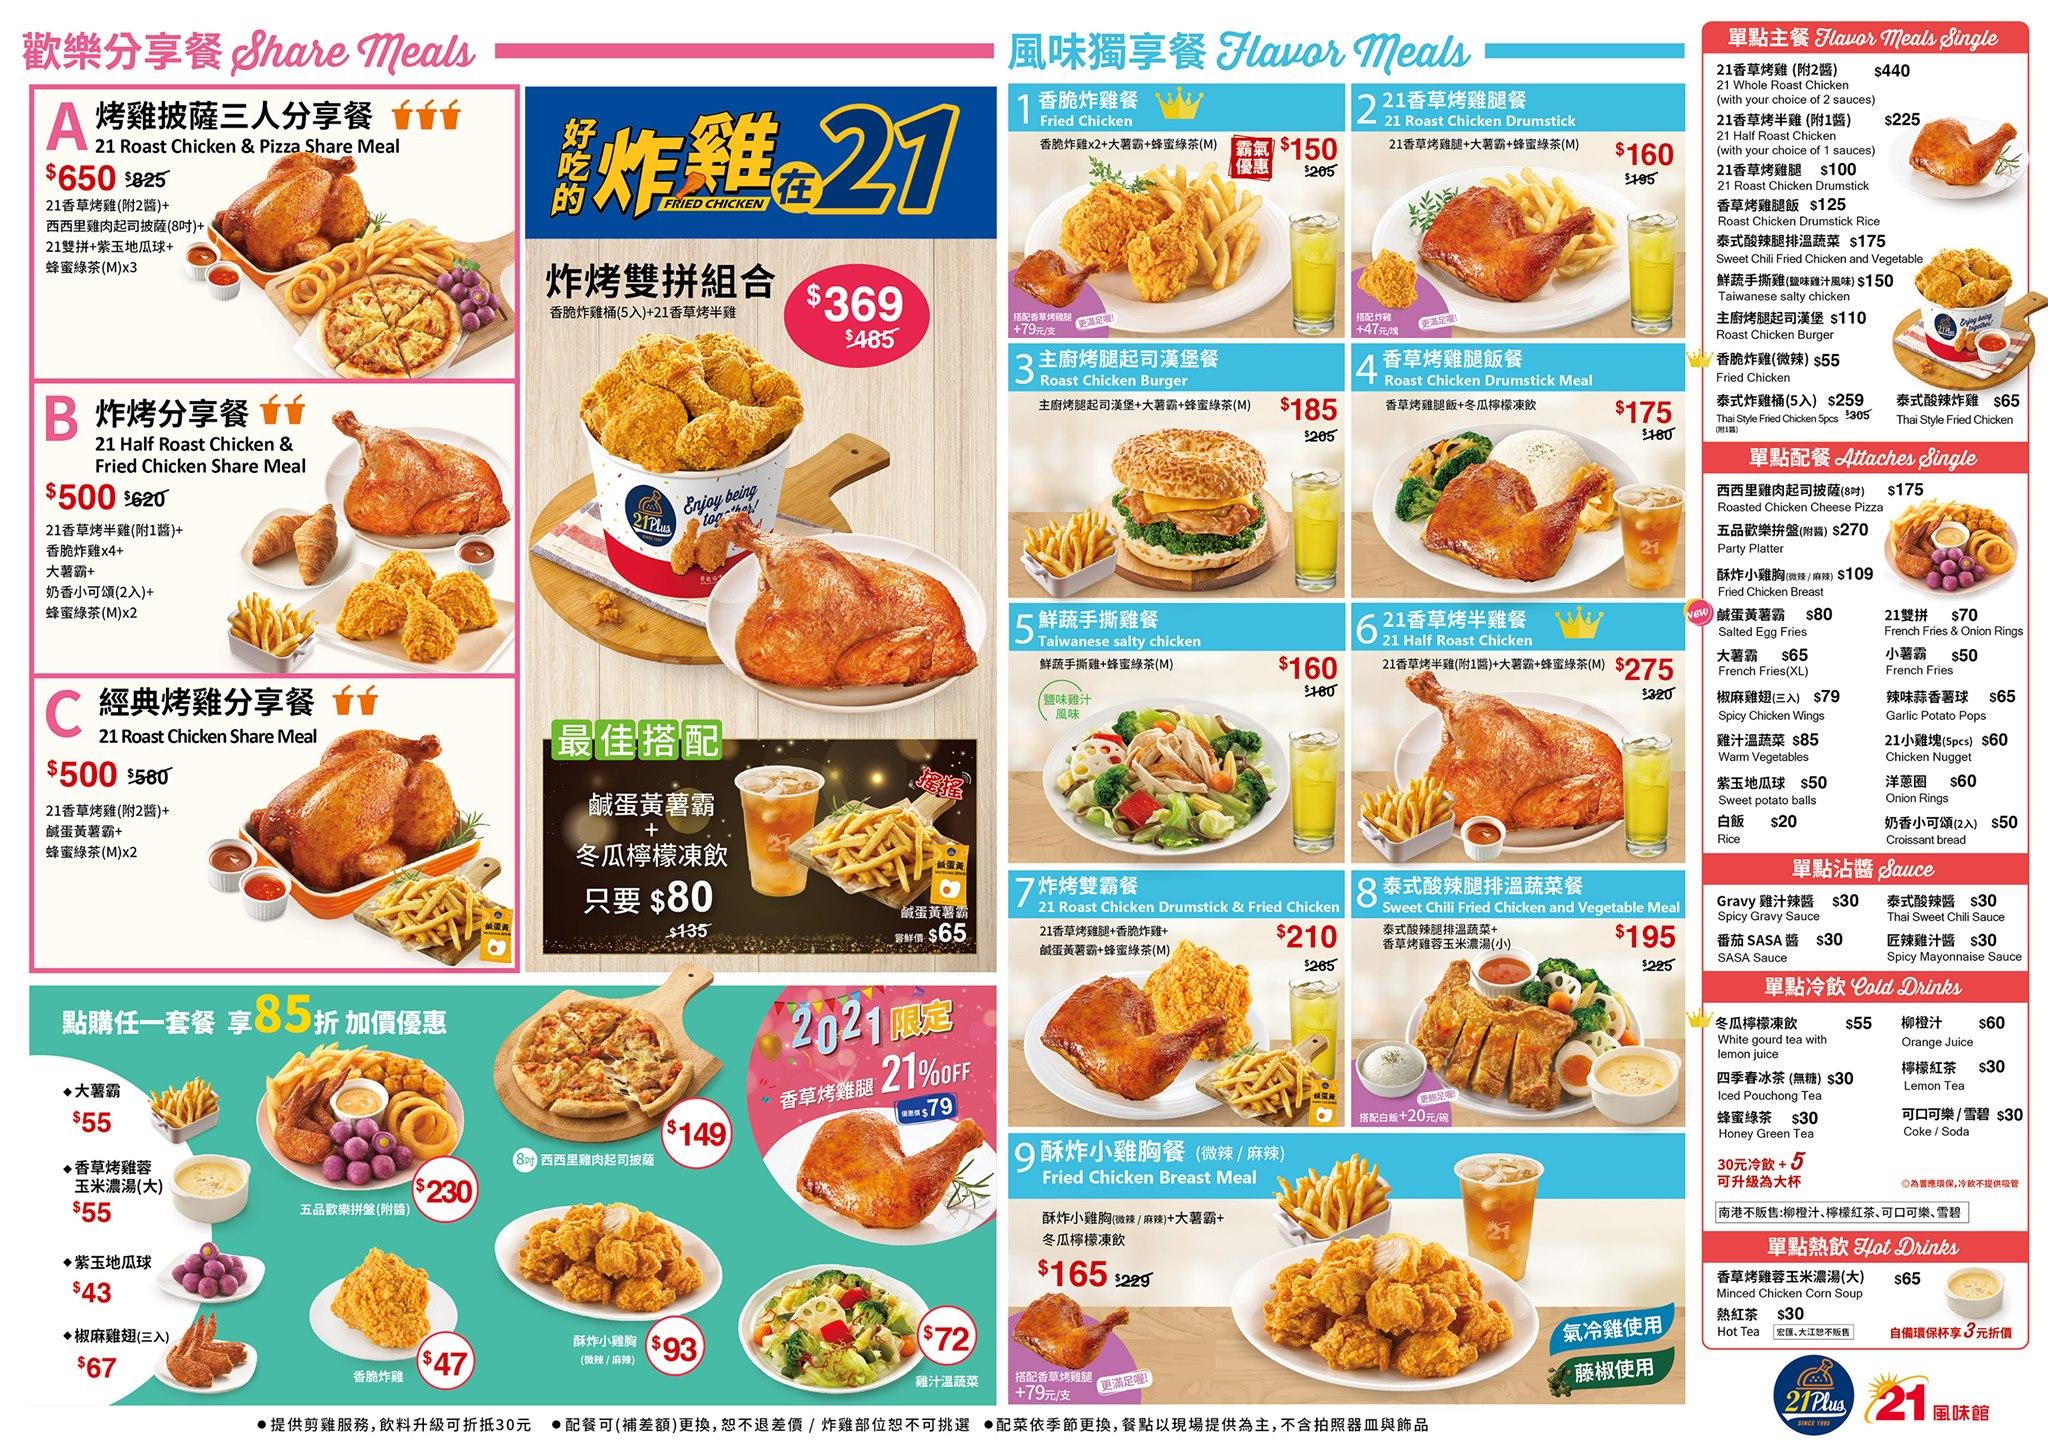 21風味館,21風味館菜單,21風味館外帶